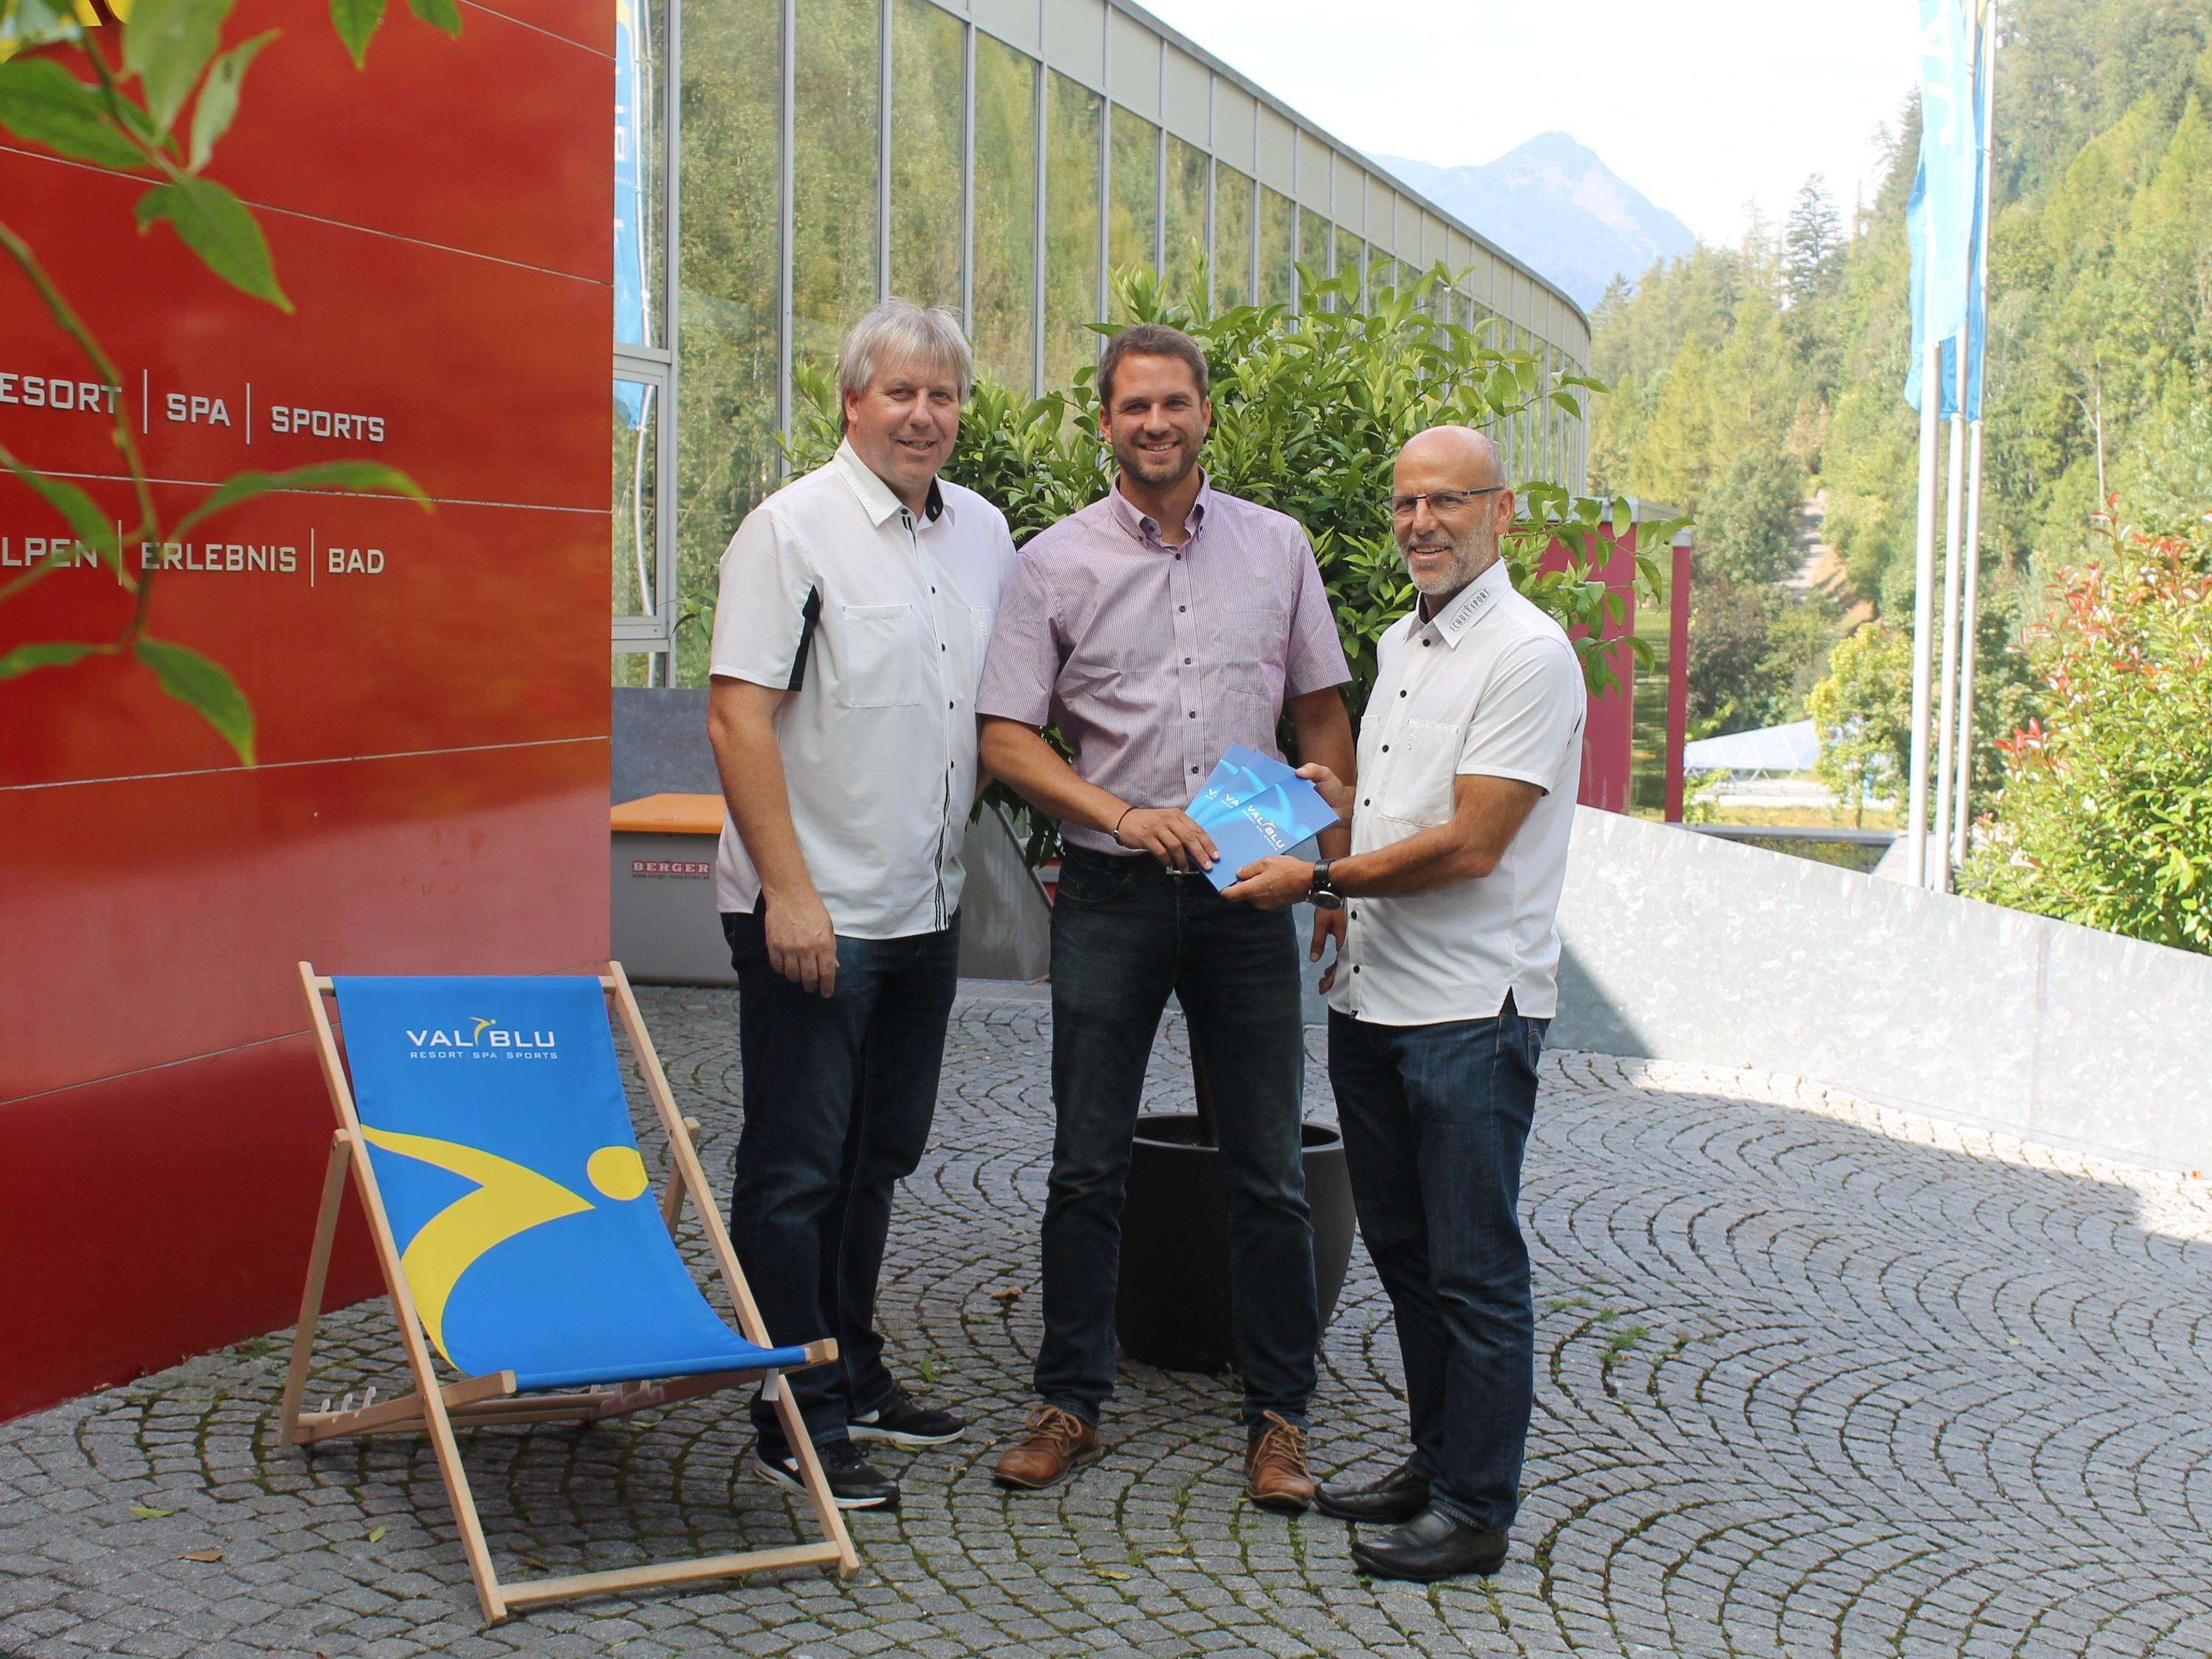 Tolle Unterstützung der Schulsportler durch das Val Blu – im Bild Geschäftsführer Jakob Glawitsch mit Schulsportreferent Christoph Neyer sowie Fachinspektor Conny Berchtold …